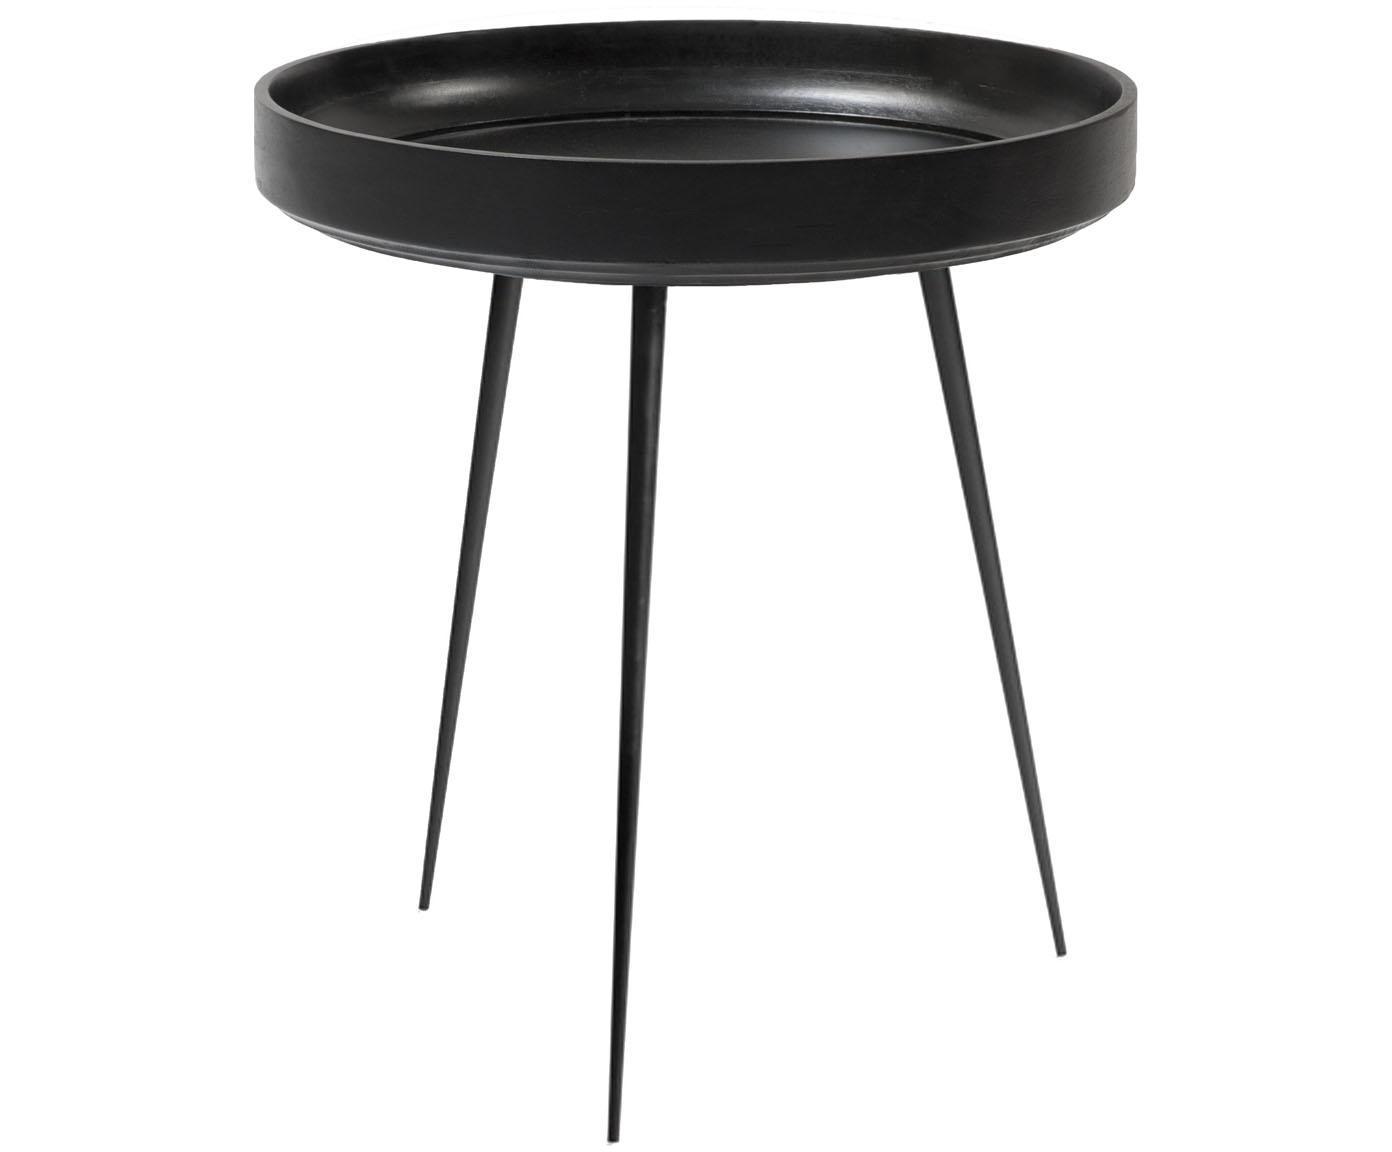 Stolik pomocniczy z drewna mangowego Bowl Table, Blat: drewno mangowe, barwiony , Nogi: stal, malowane proszkowo, Czarny, Ø 46 x W 52 cm